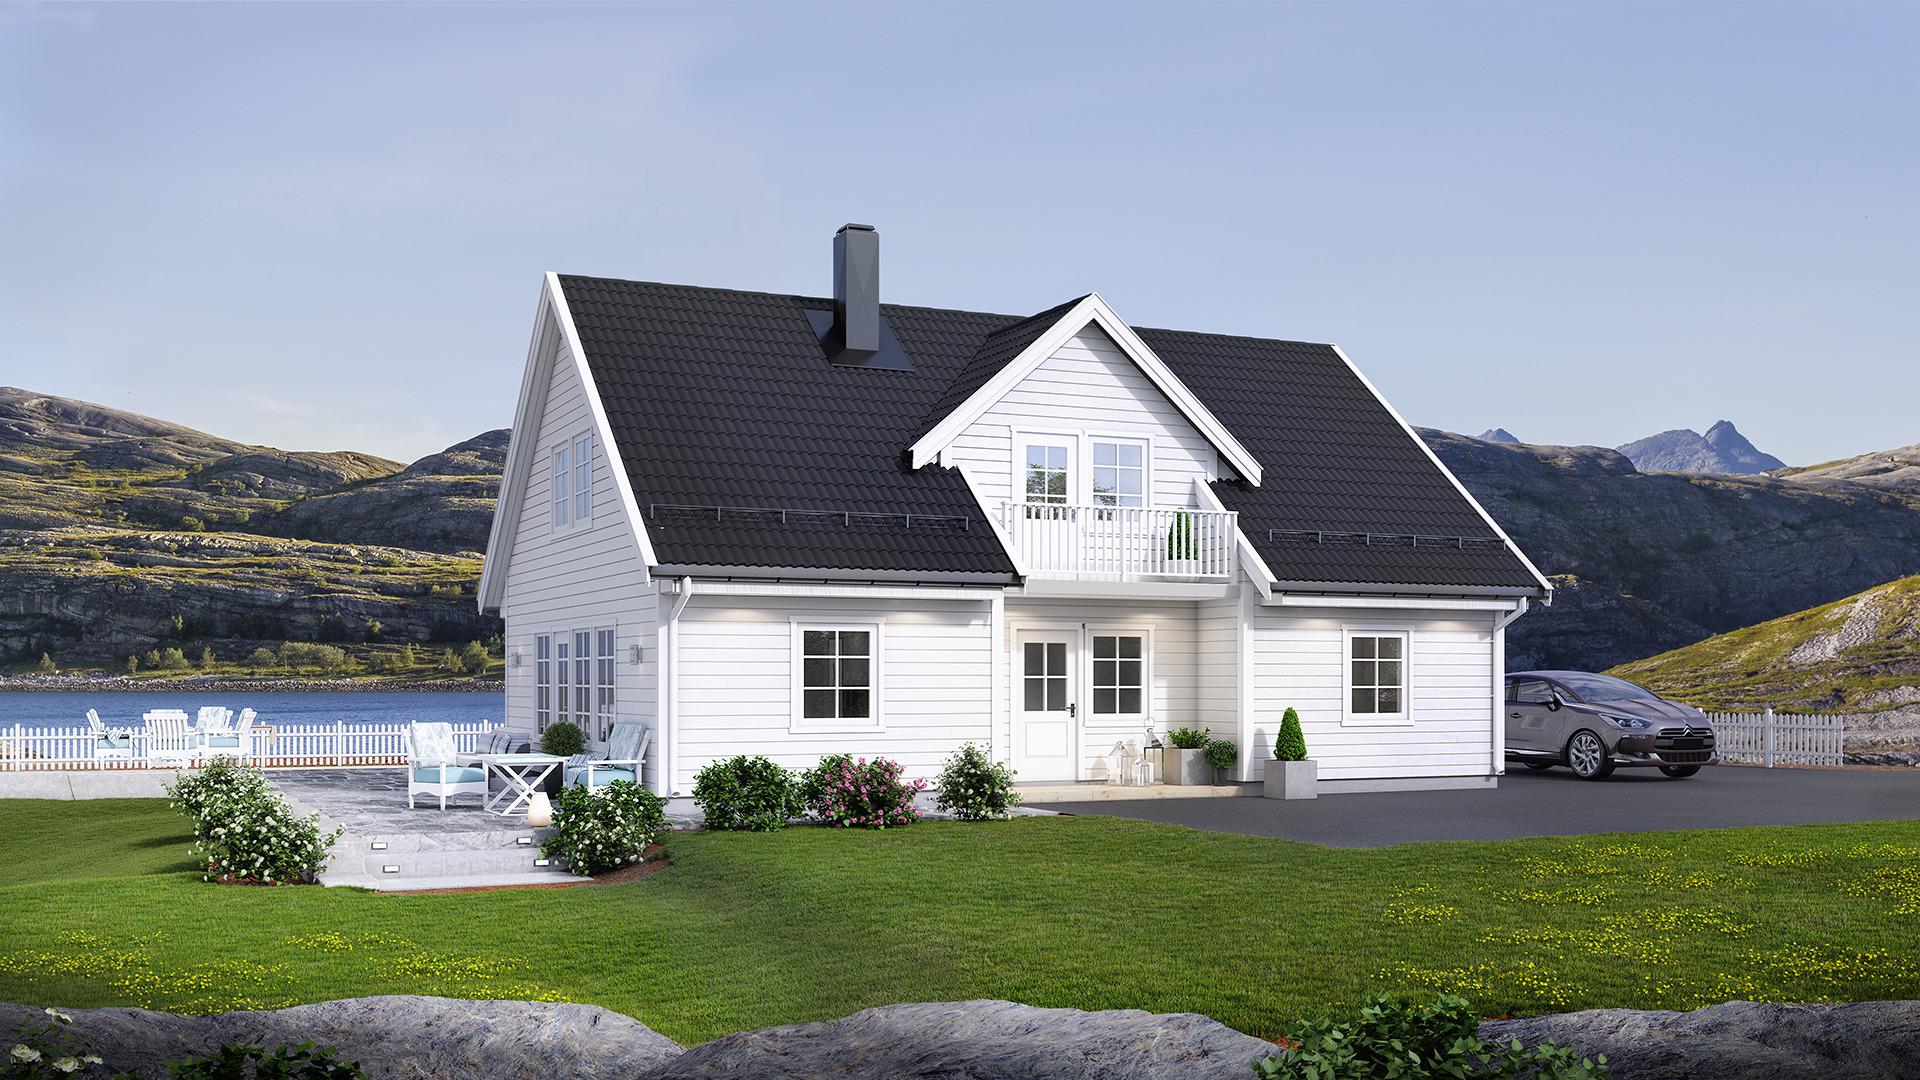 Et klassisk tradisjonellt hus, perfekt for flate tomter